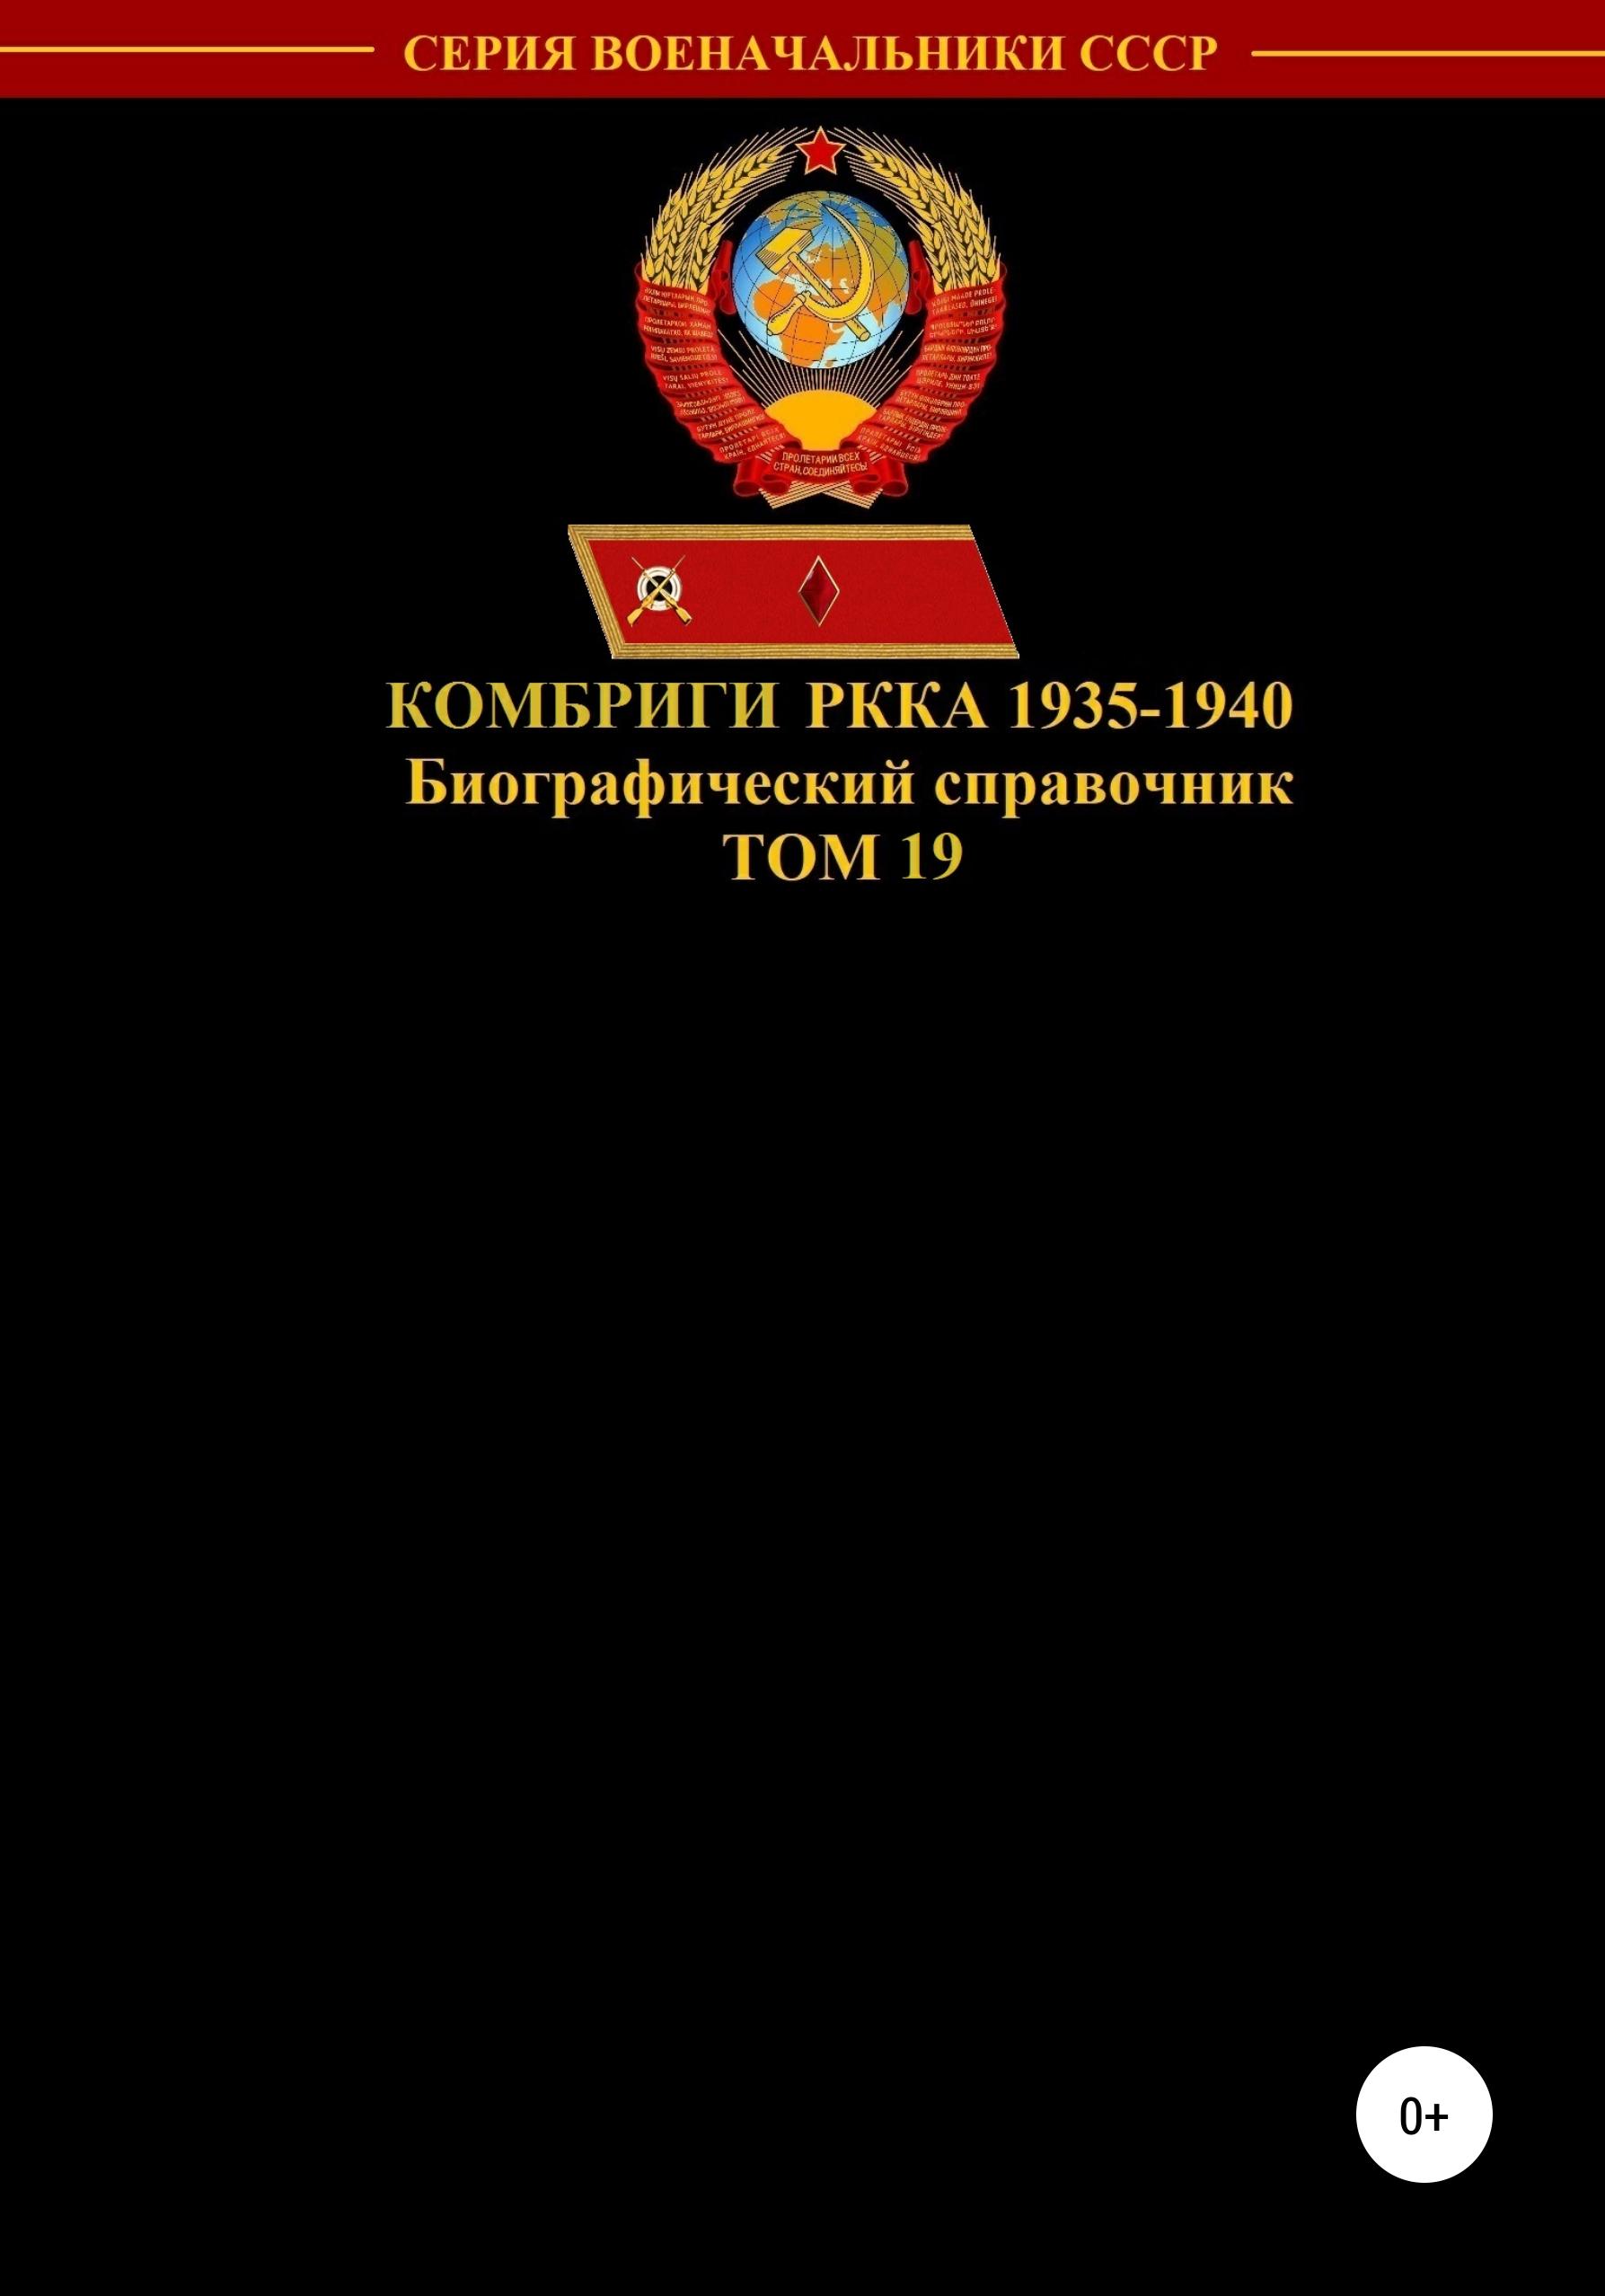 Купить книгу Комбриги РККА 1935-1940. Том 19, автора Дениса Юрьевича Соловьева